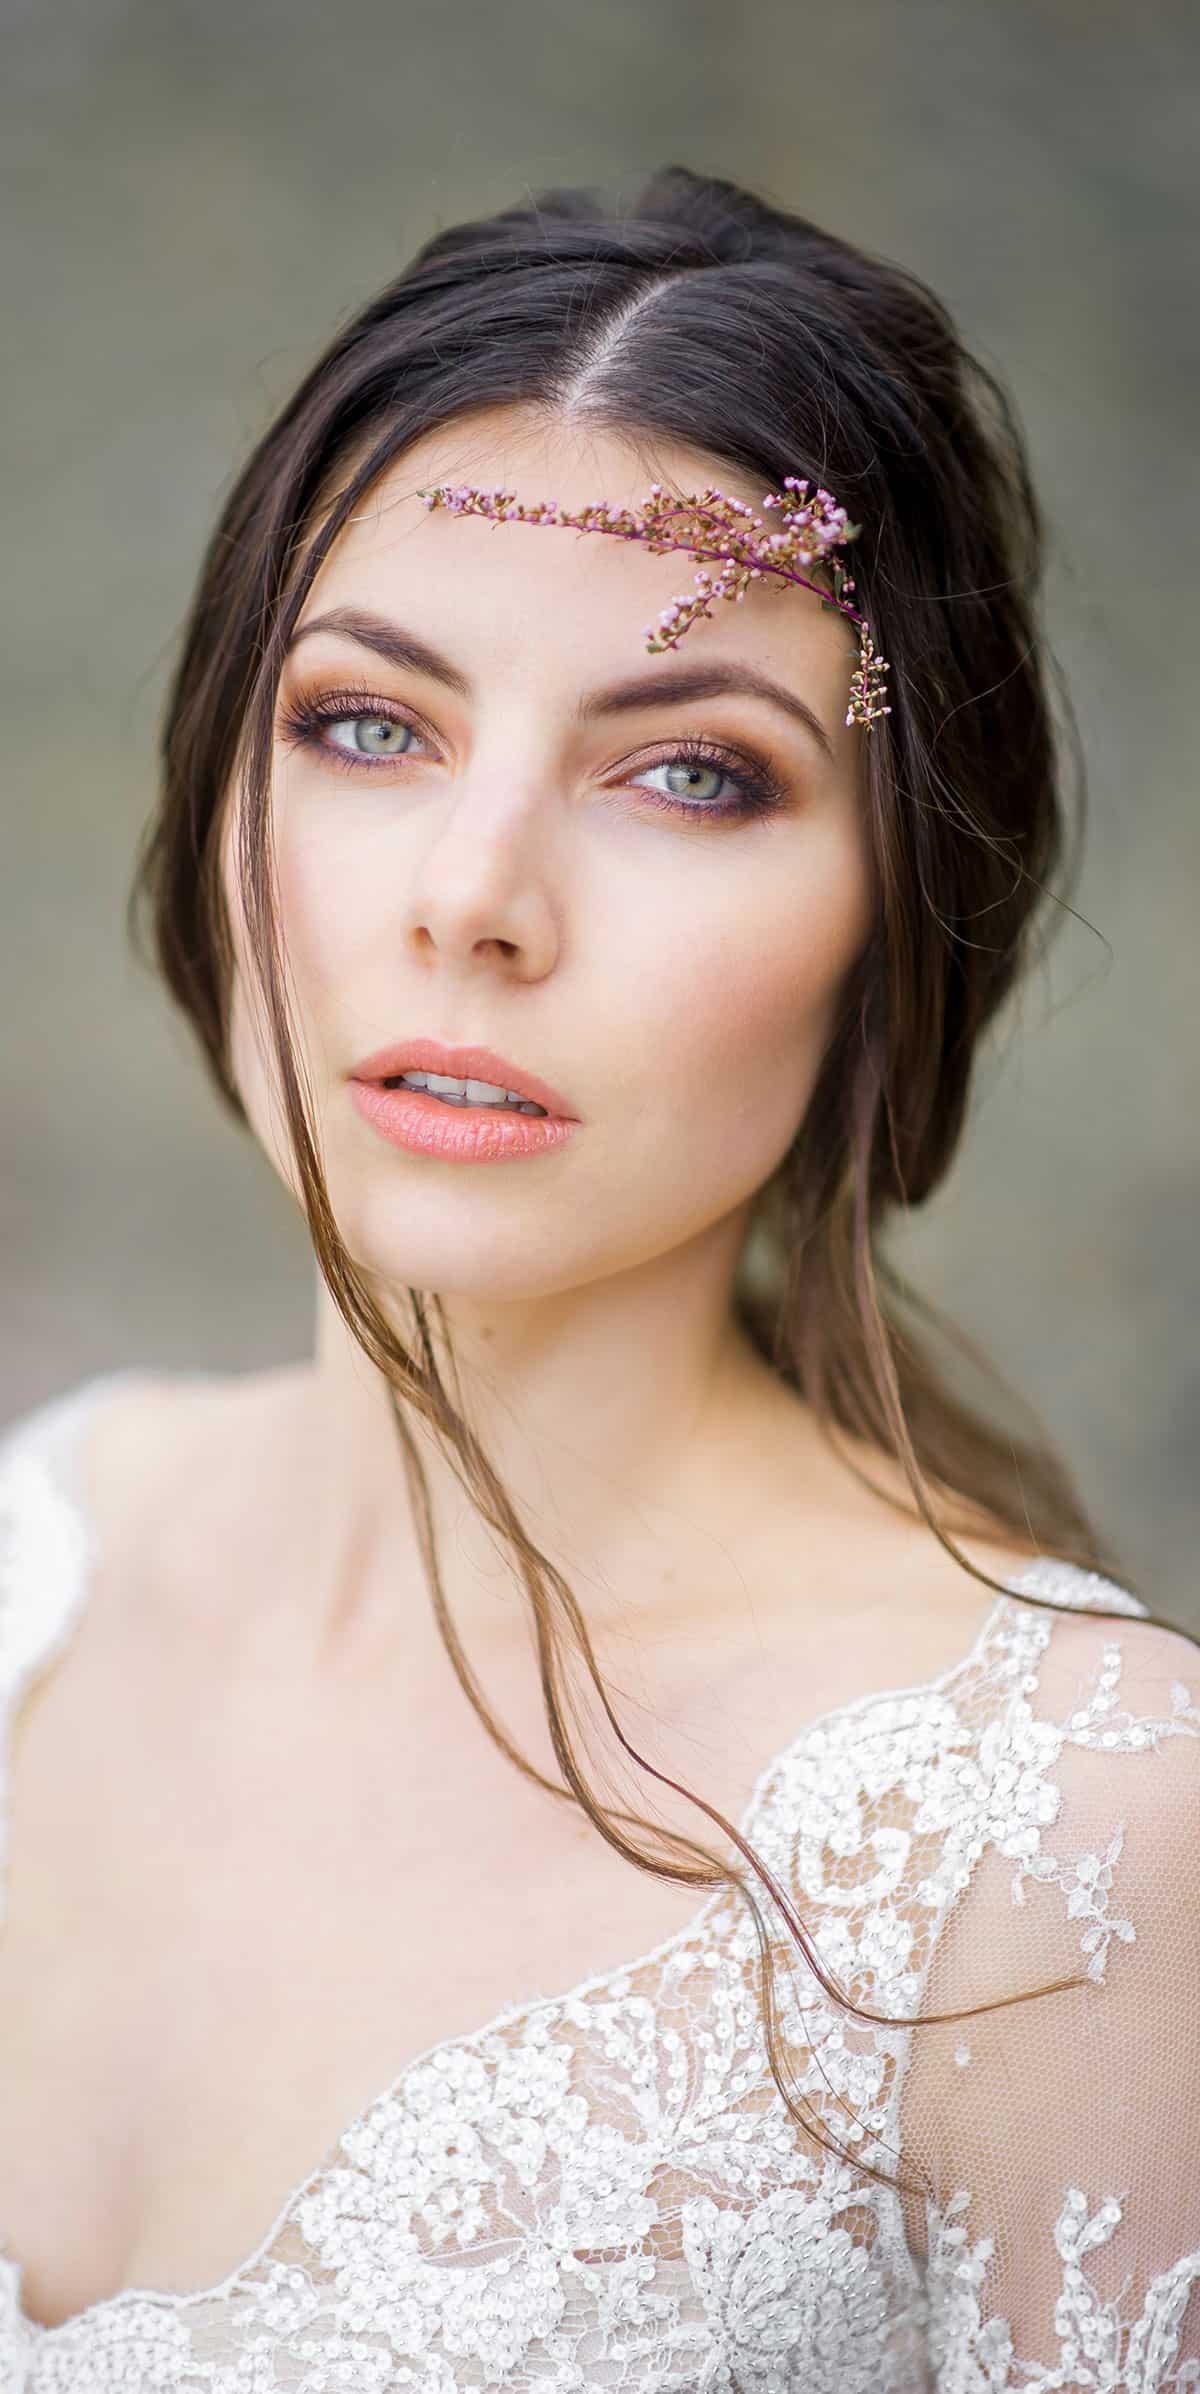 Braut mit grünem Augen und intensivem Blick sieht direkt in die Kamera